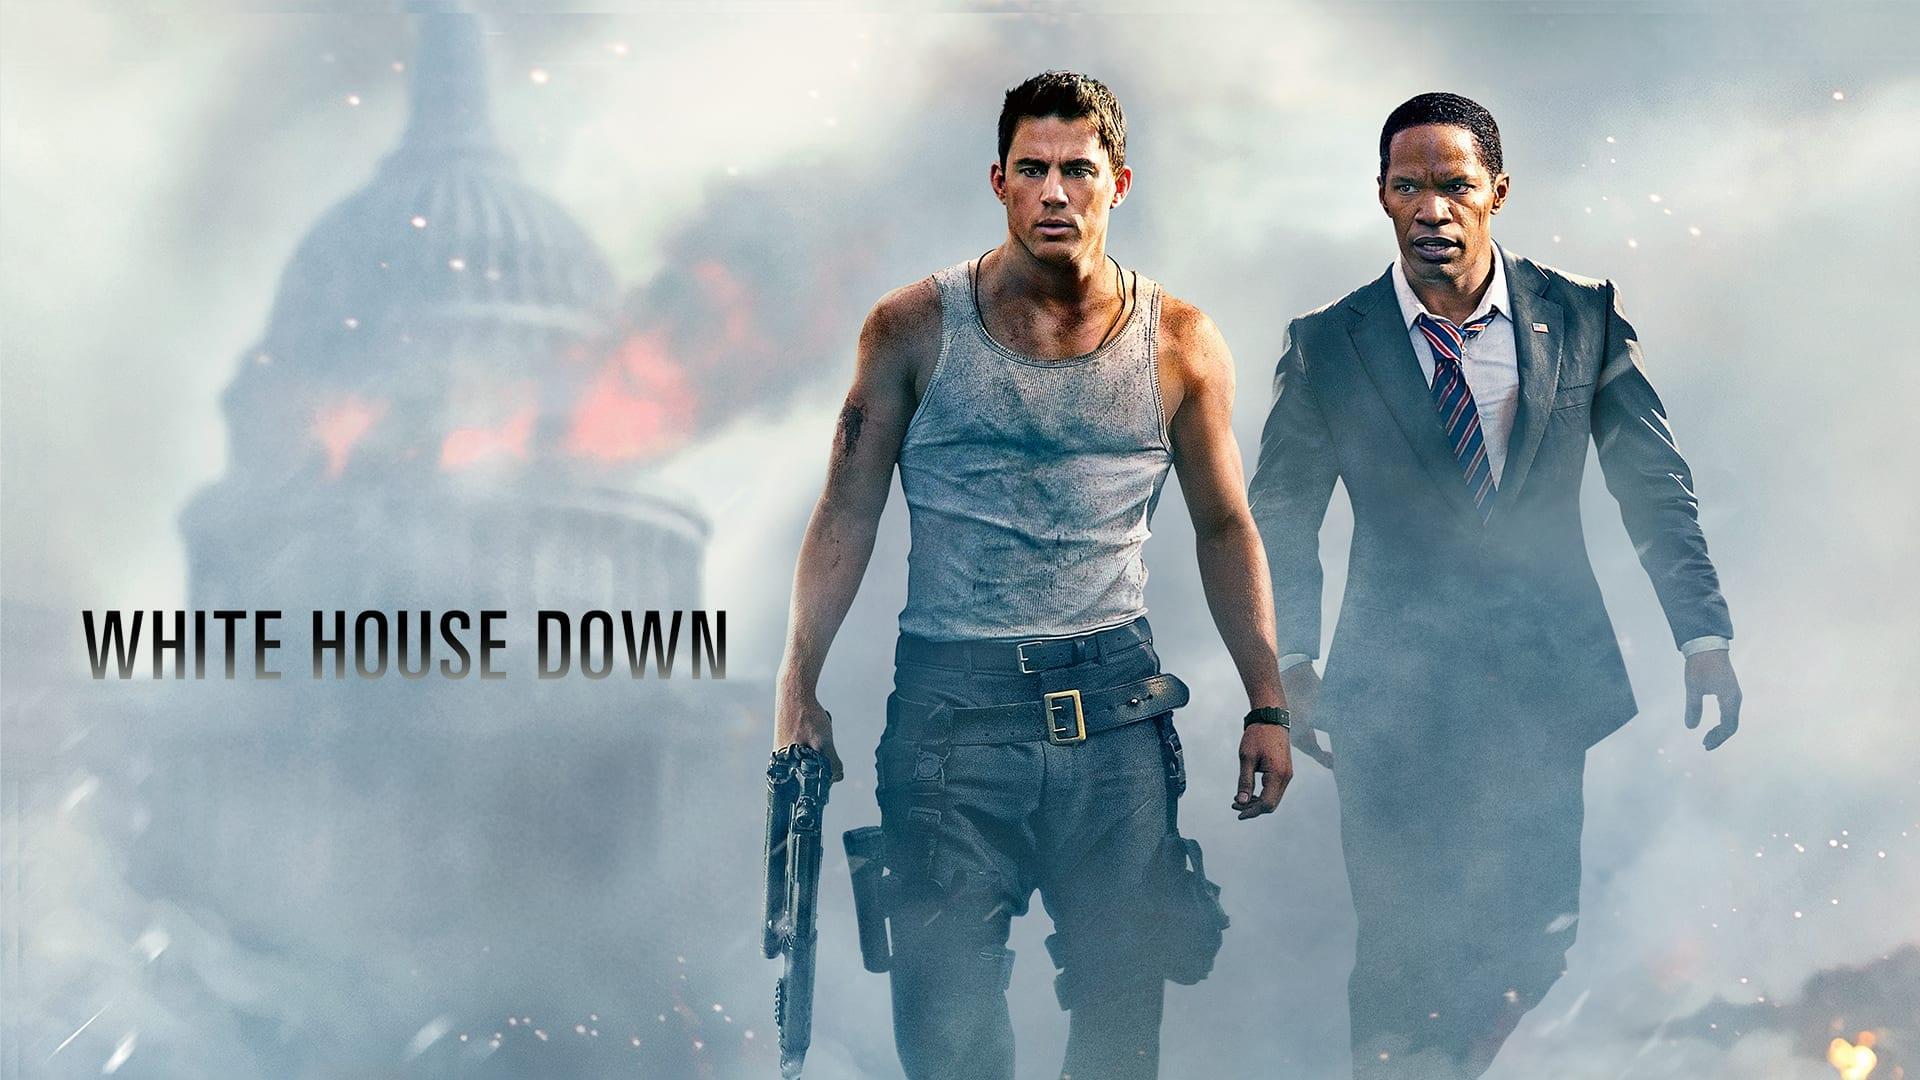 Movie Monday: White House Down